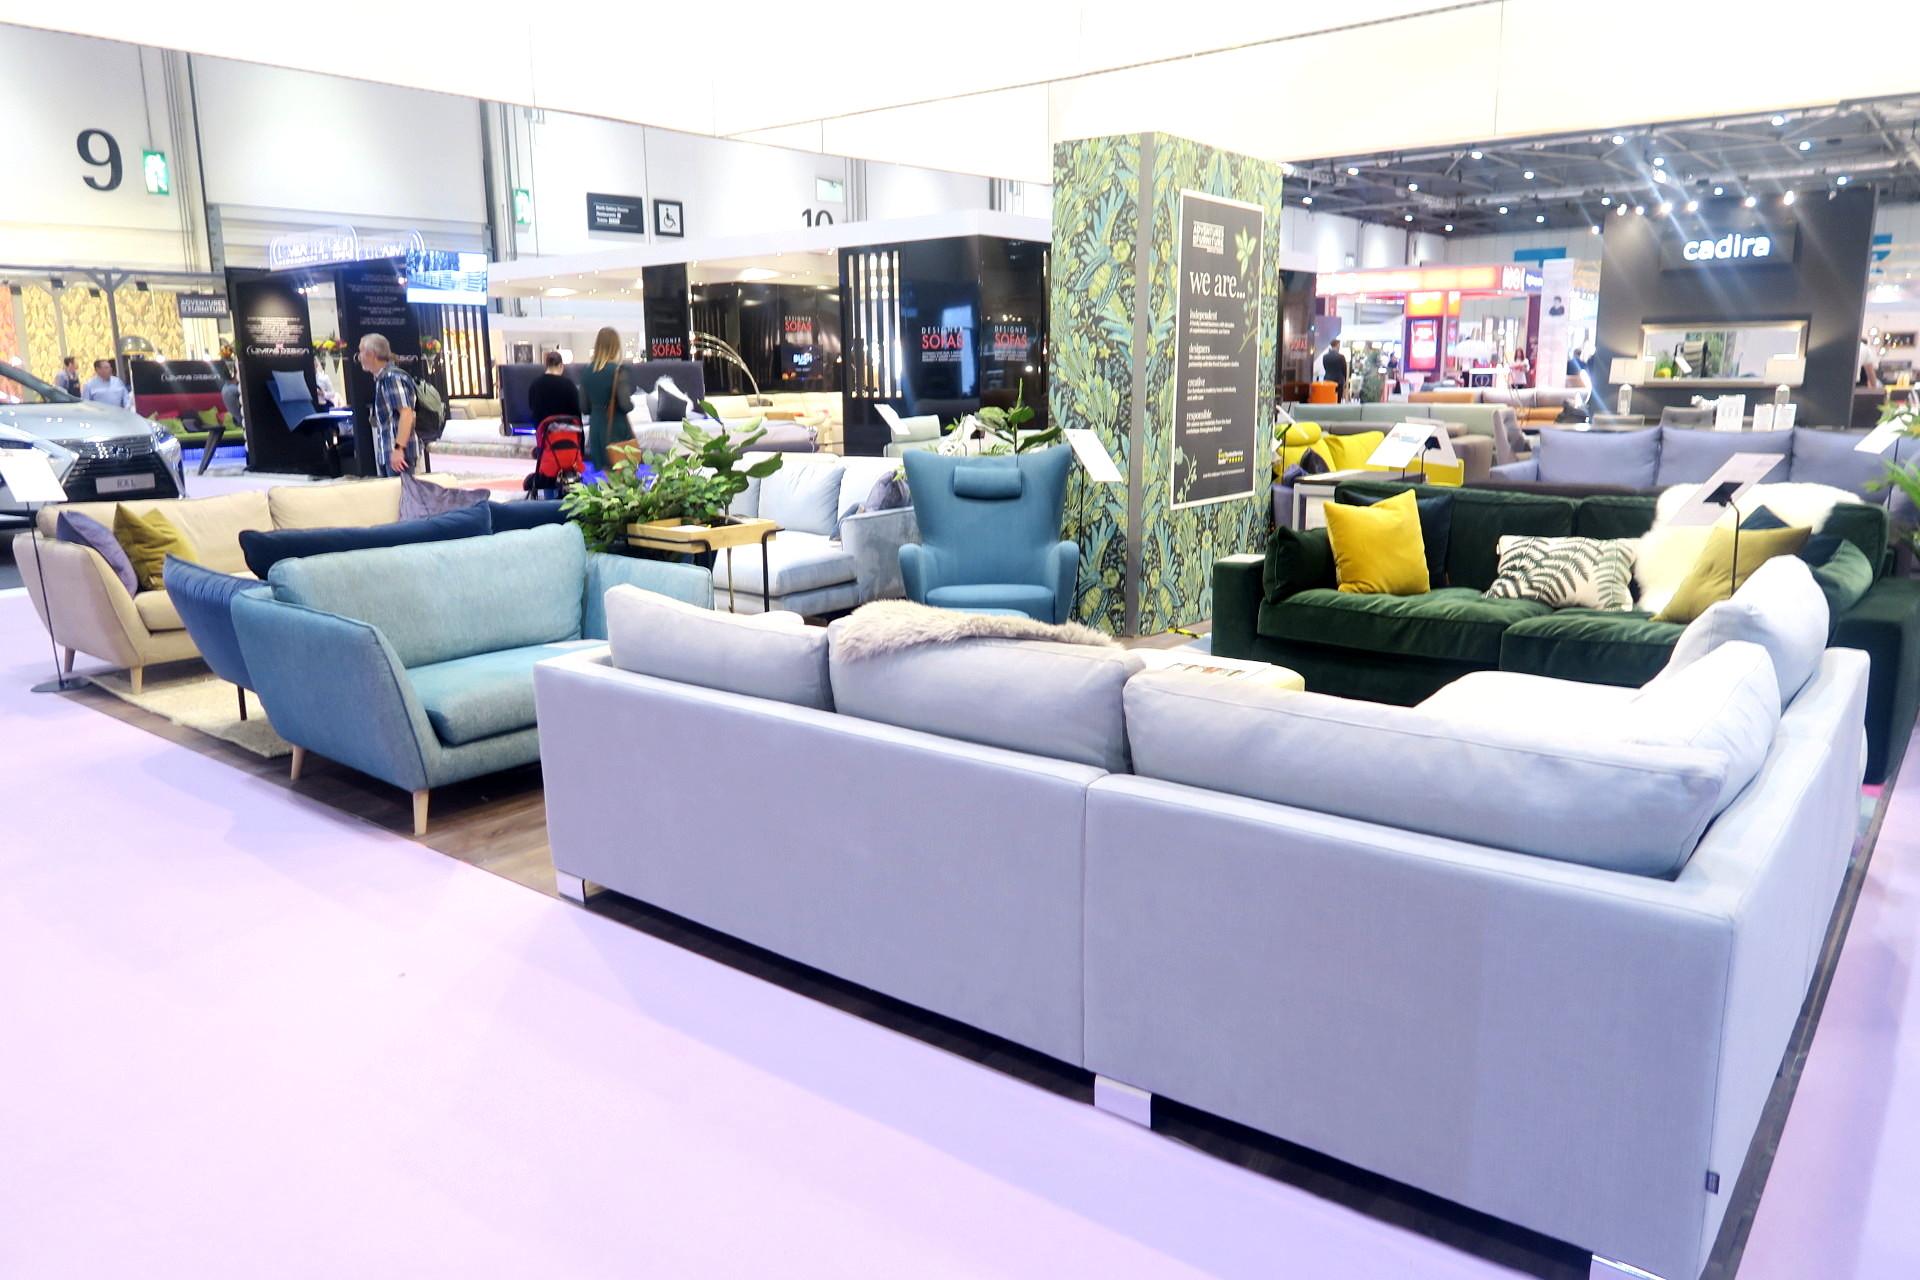 Designer Sofas - Grand Designs Live